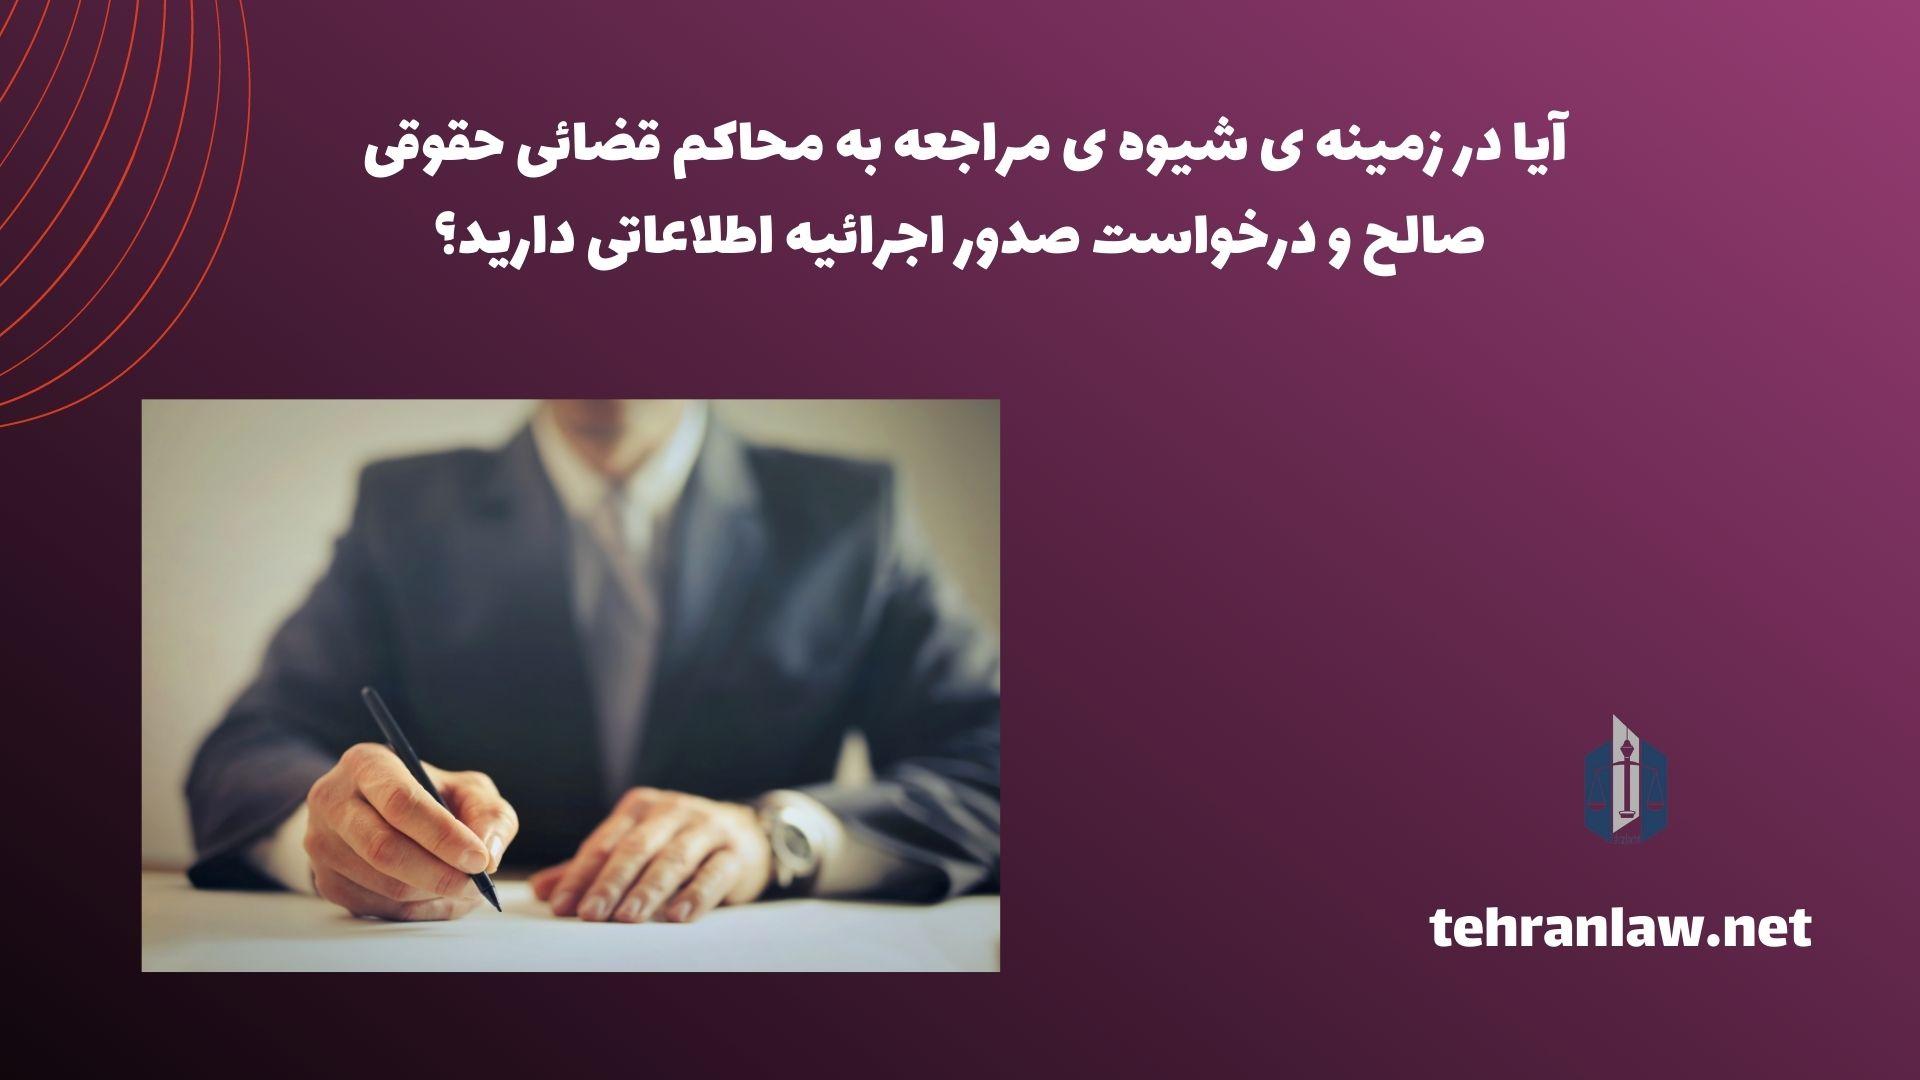 آیا در زمینه ی شیوه ی مراجعه به محاکم قضائی حقوقی صالح و درخواست صدور اجرائیه اطلاعاتی دارید؟